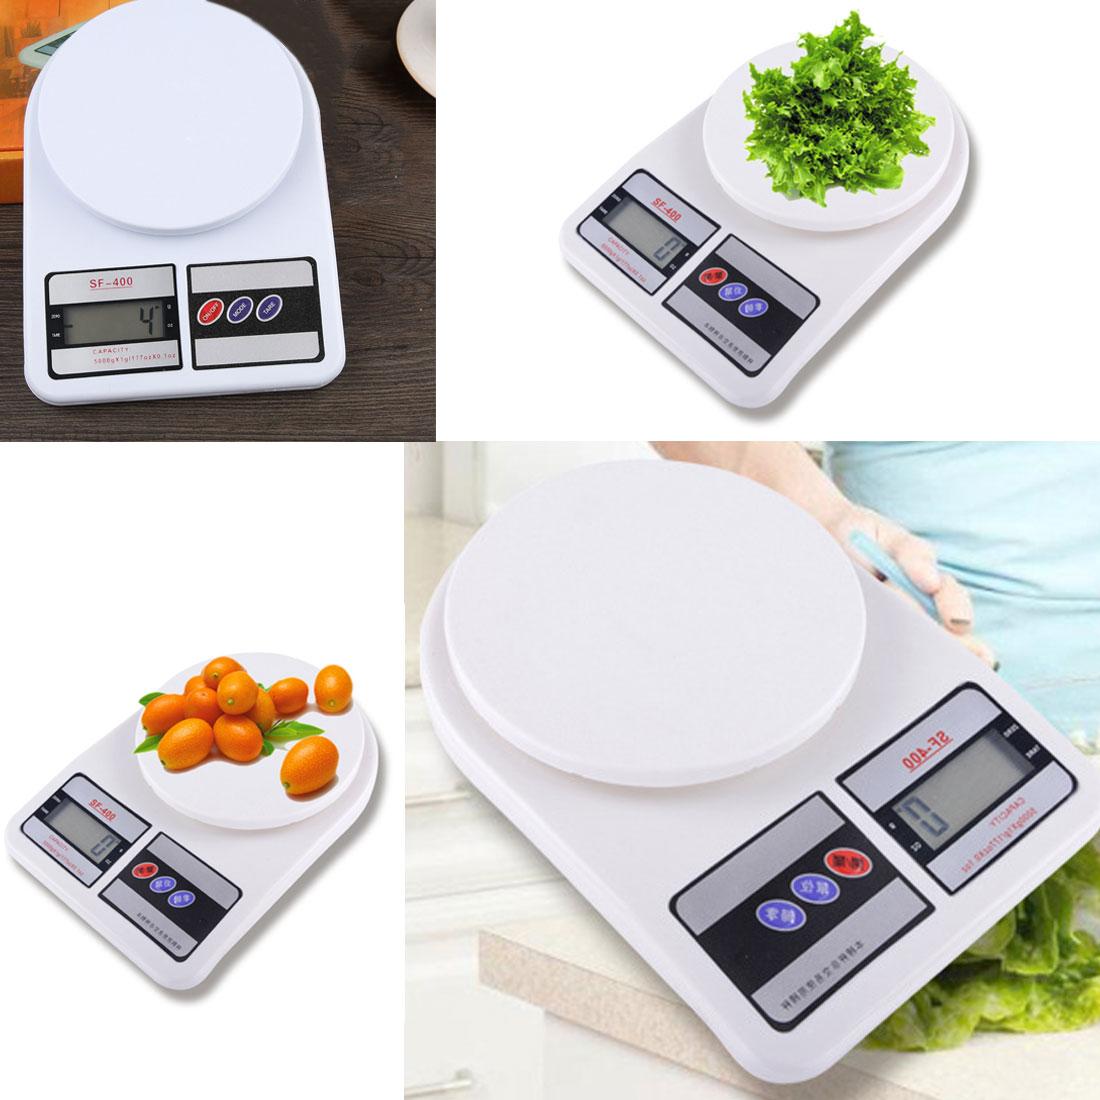 Hohe Qualität 10 kg x 1g Digital Waage Küche Waagen Elektronische Balance 10000g Obst Waage für Ernährung bodybuilding